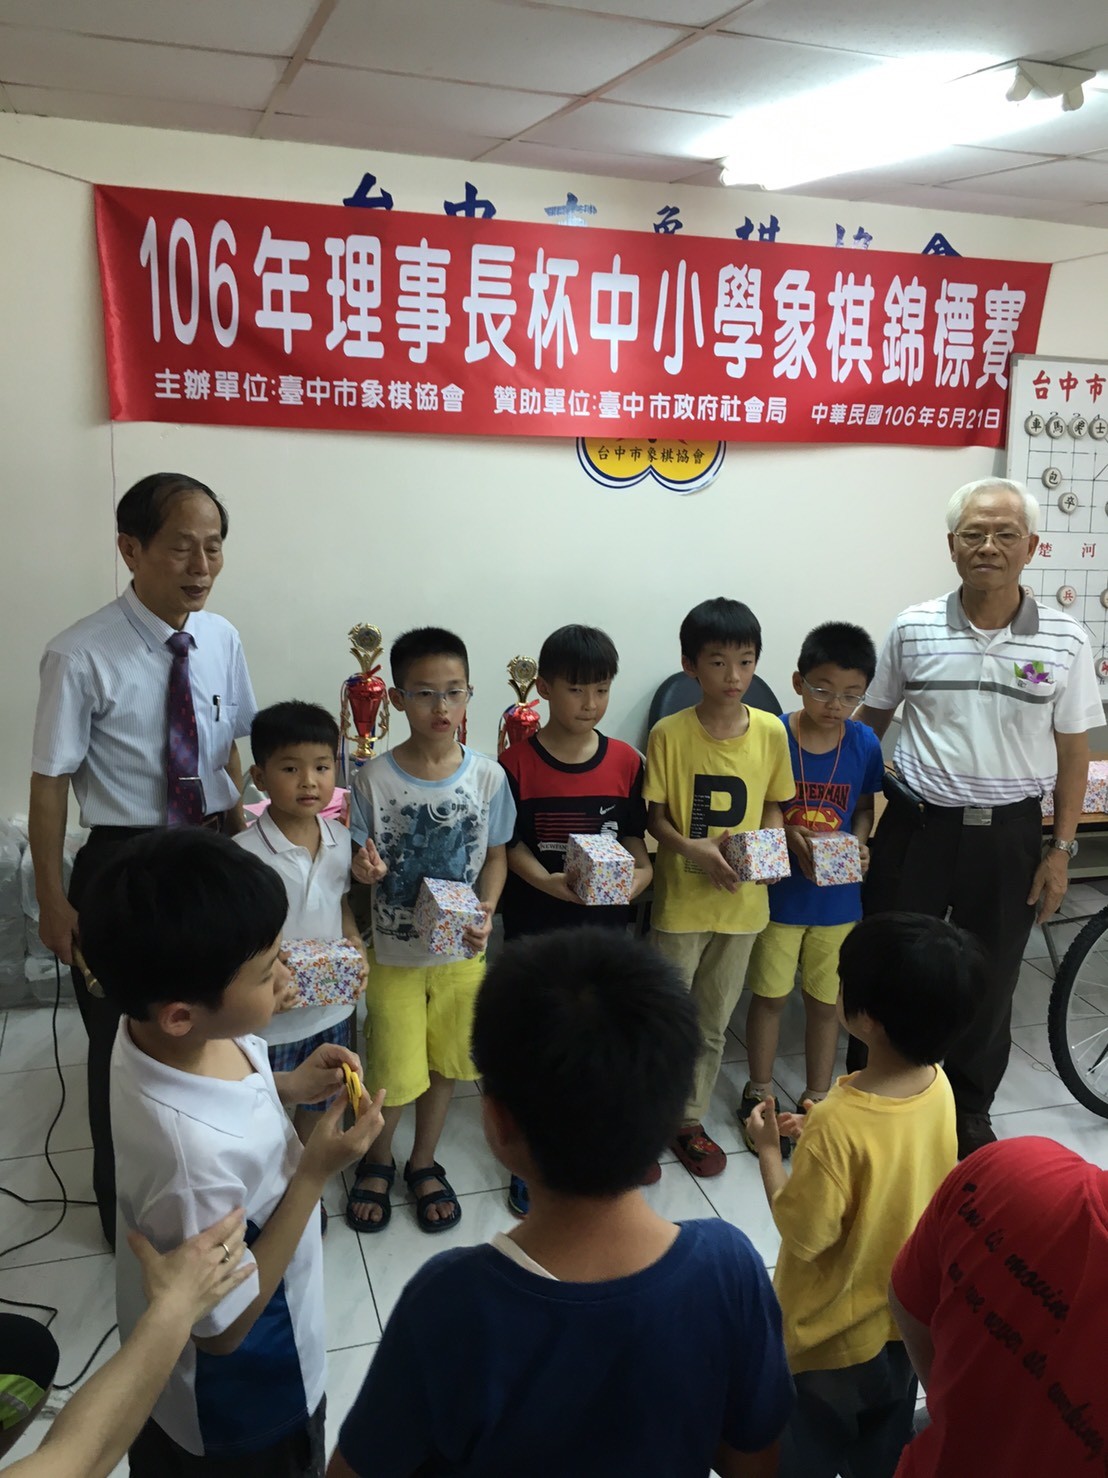 2017理事長杯象棋比賽頒獎典禮(1)